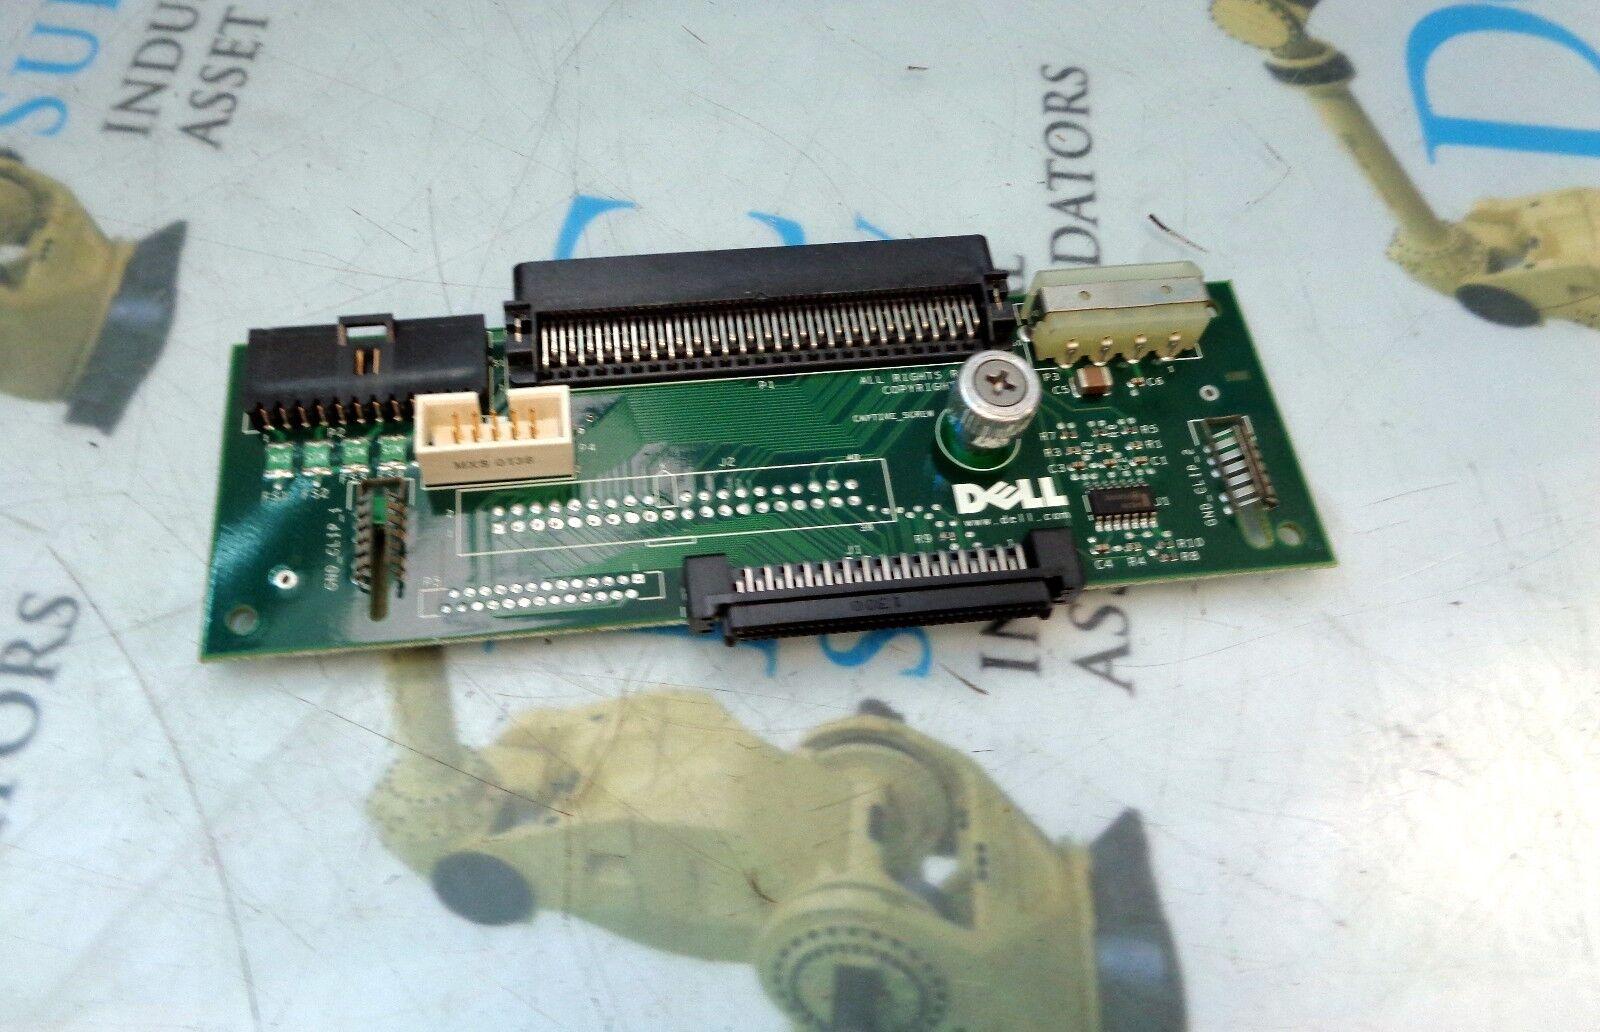 DELL DS N MX-03E032-12417-1B9-00F1 REV A00 PCB BOARD